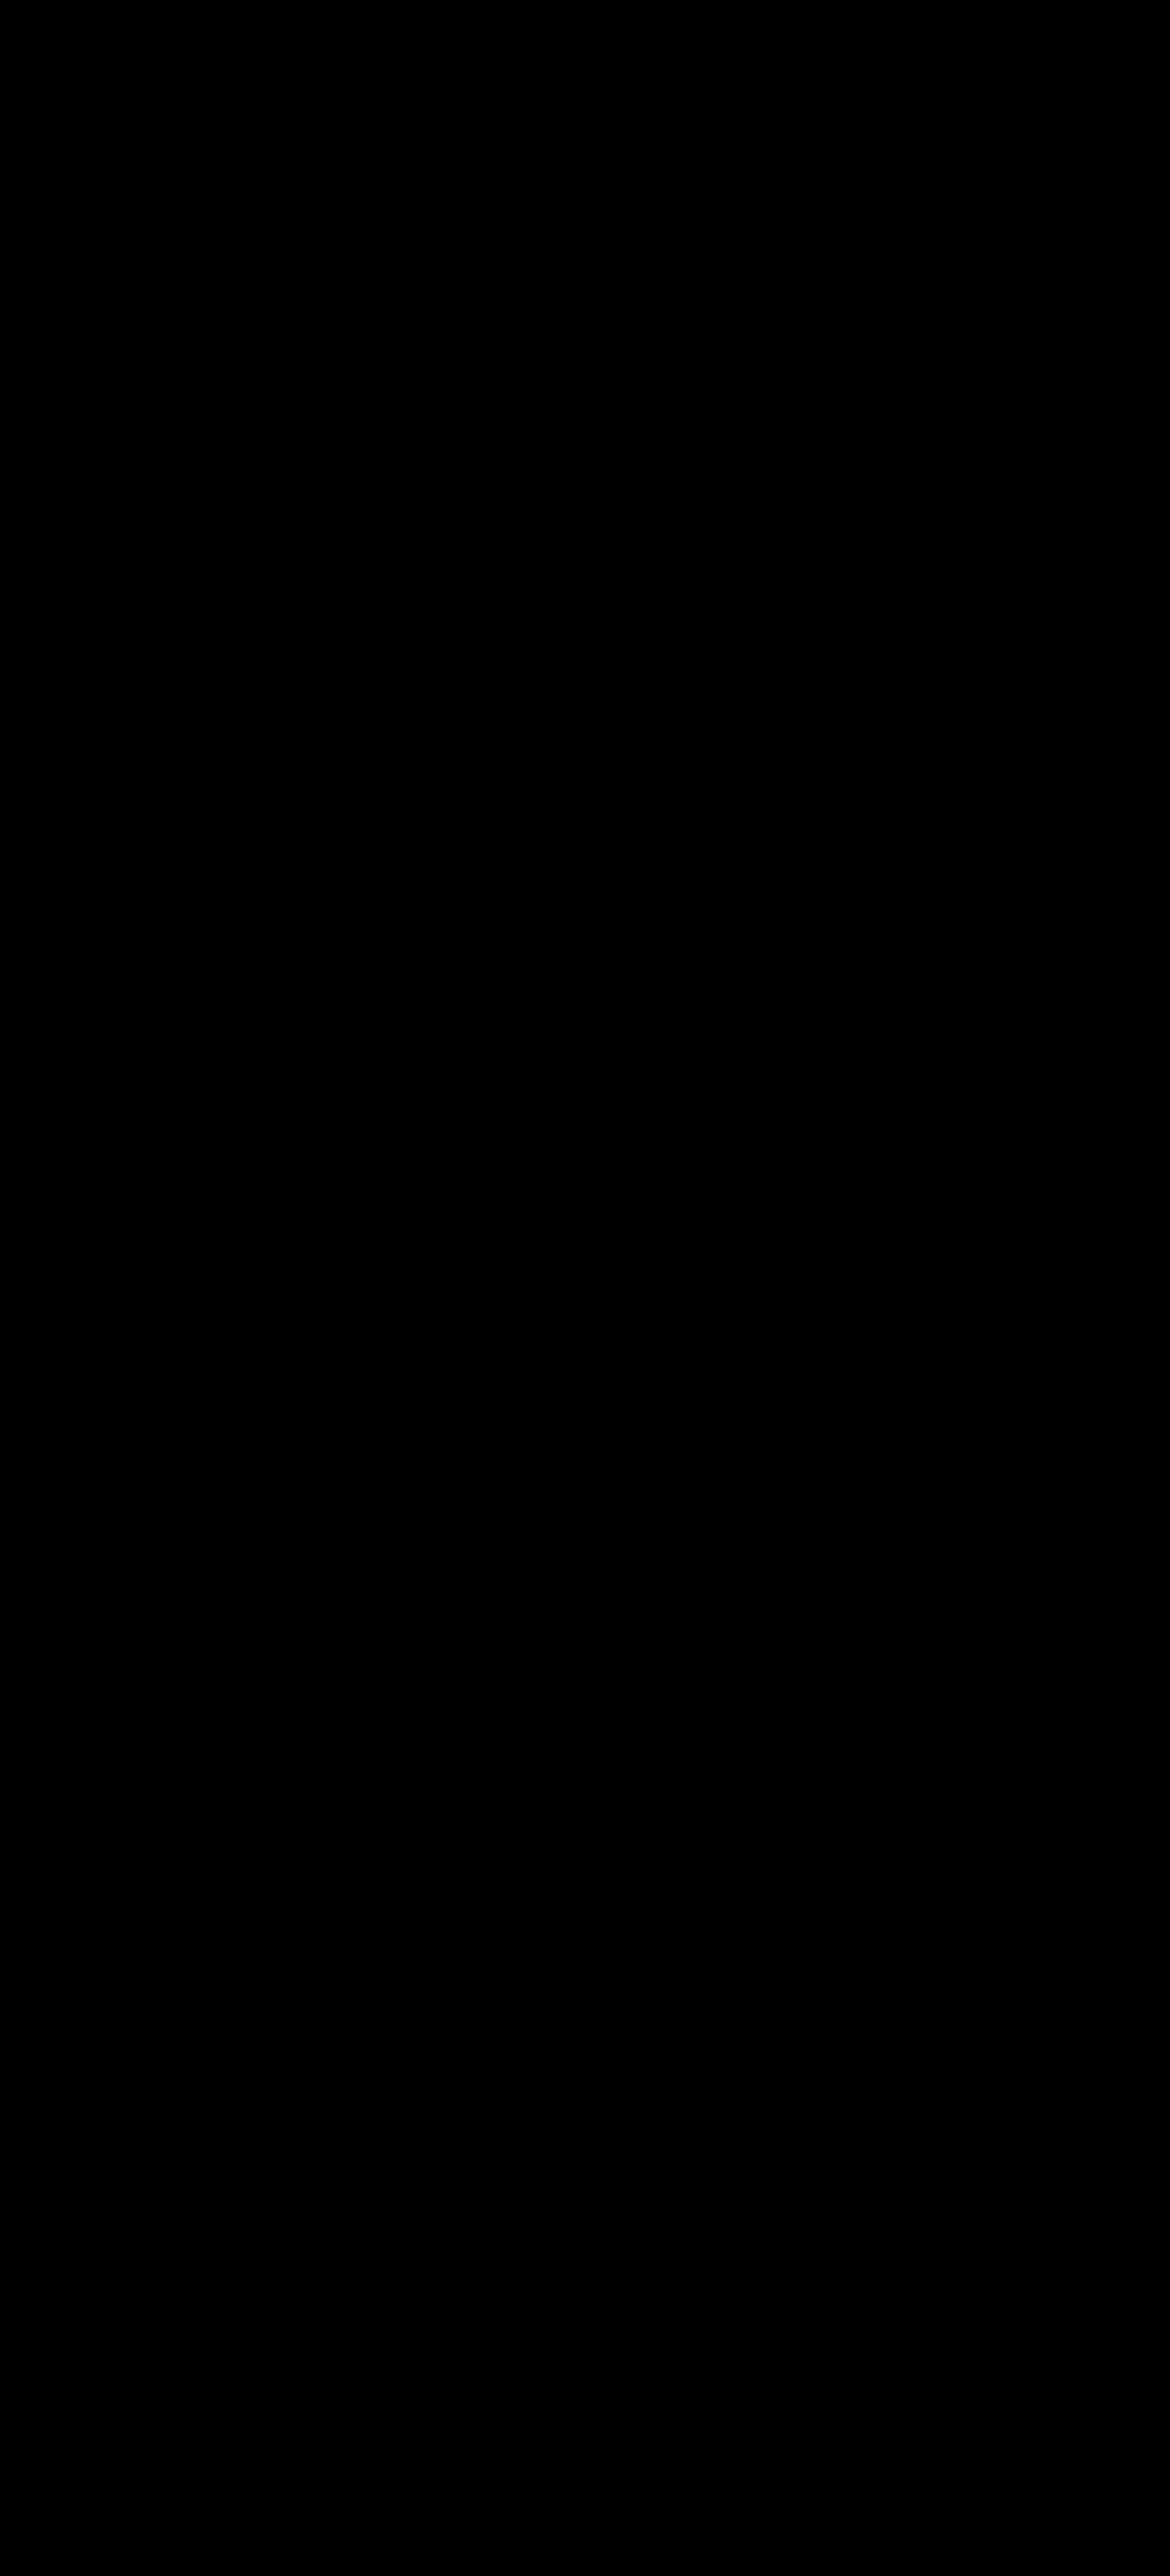 Création d'illustrations pour présenter le concept et les fonctionnalités de NewDeal par Aïtana Design